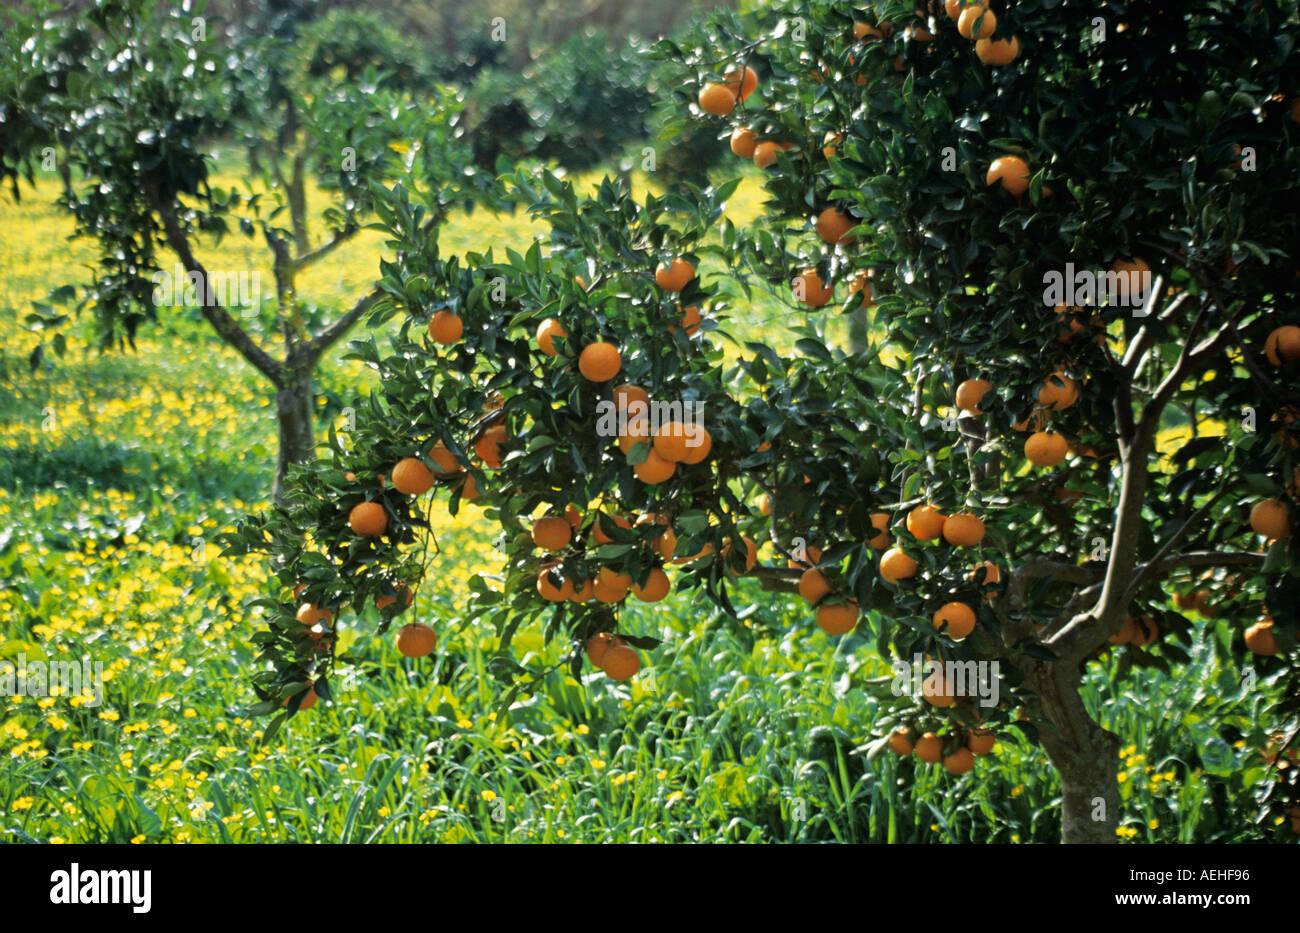 Oranges on orange tree in orange grove with yellow wild flowers oranges on orange tree in orange grove with yellow wild flowers spain mightylinksfo